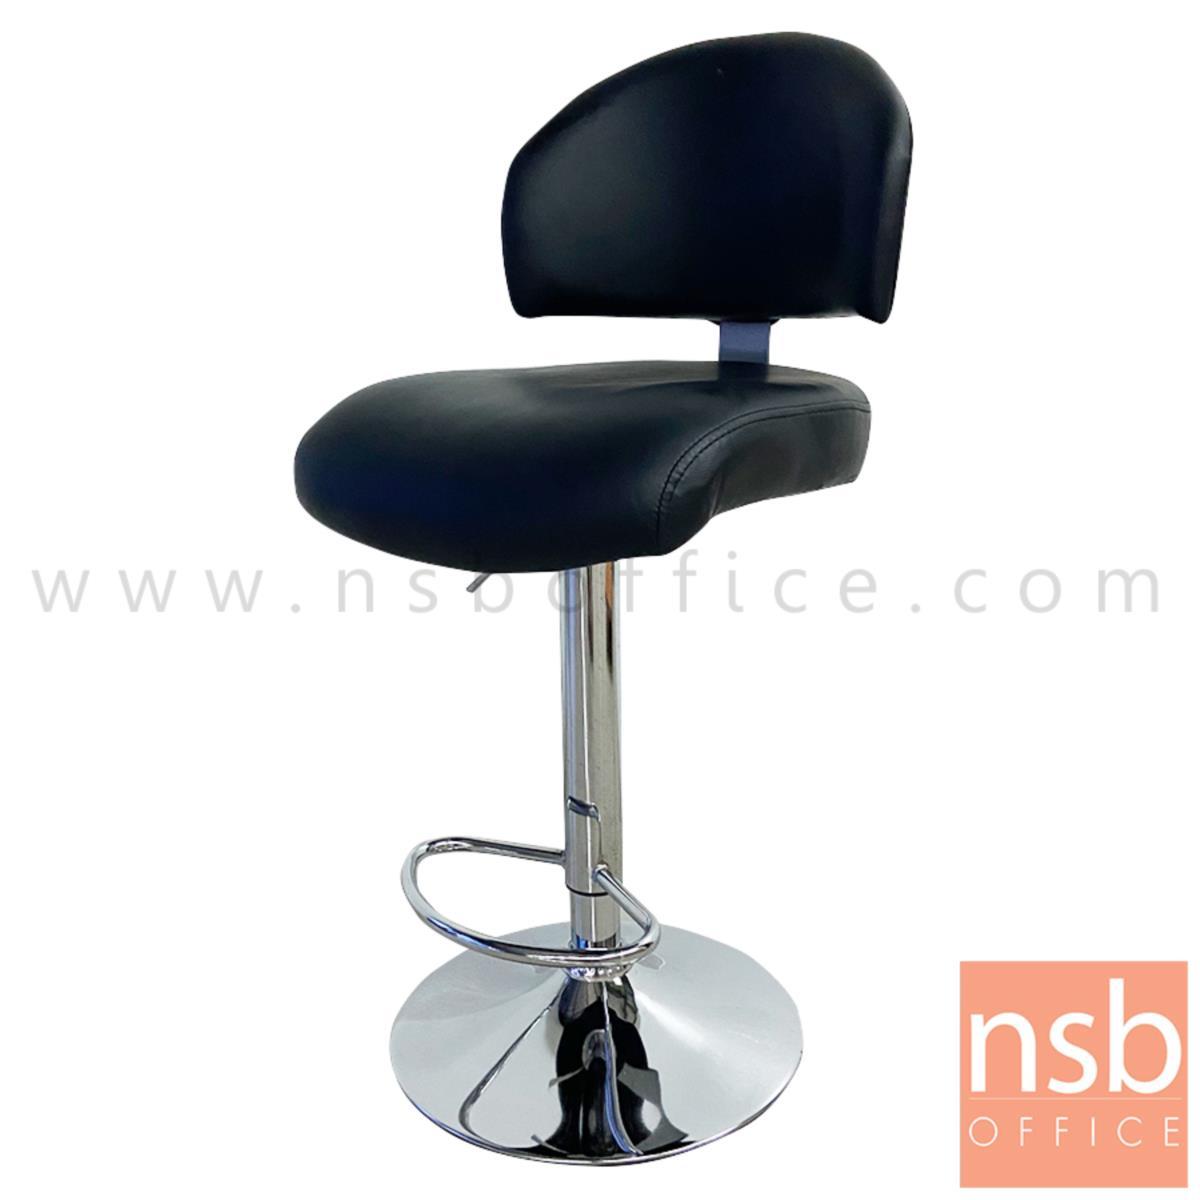 B09A223:เก้าอี้บาร์ที่นั่งเหลี่ยมมีพิง รุ่น Favreau (แฟฟโรว์)  ขาเหล็กจานกลมชุบโครเมี่ยม